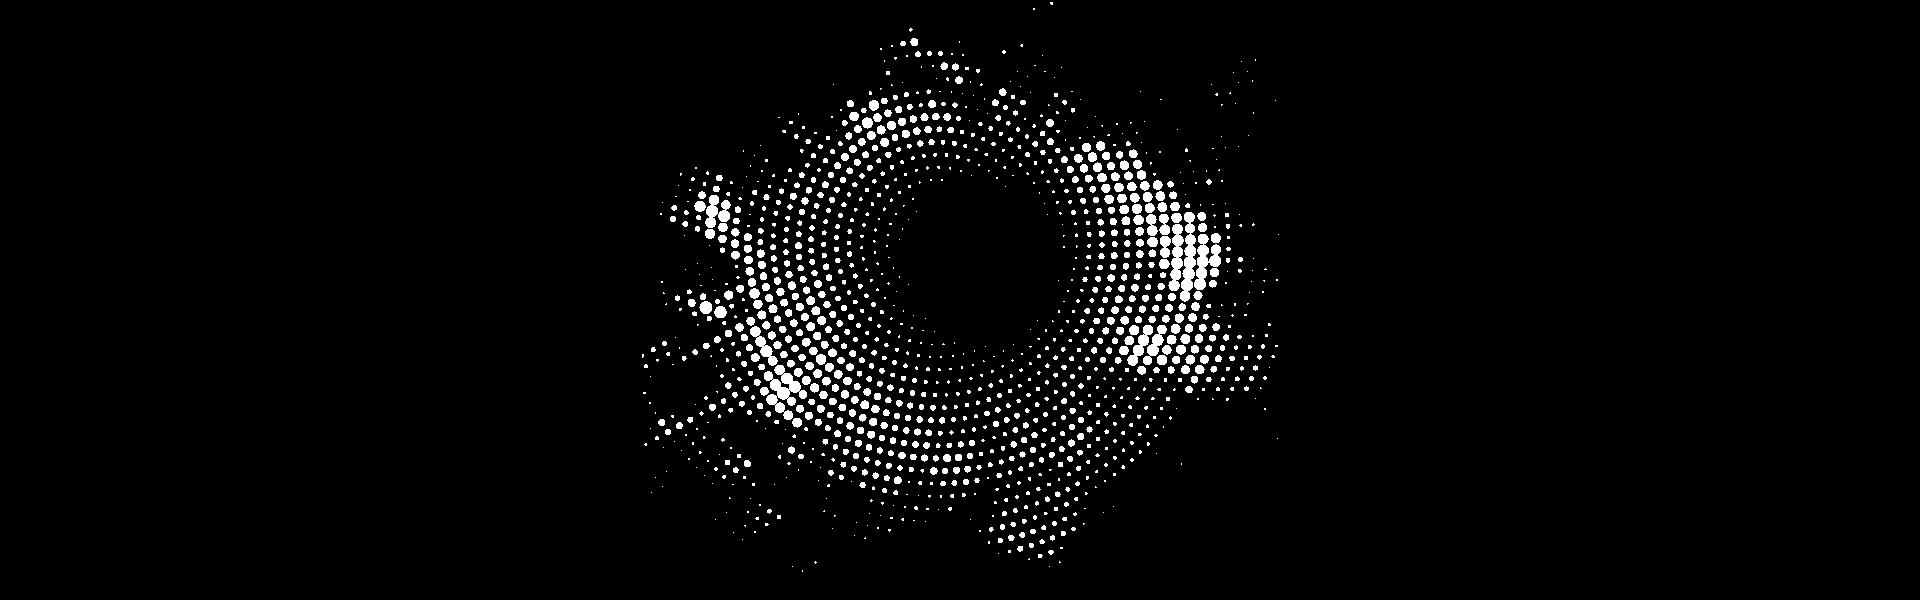 bg_h4_1